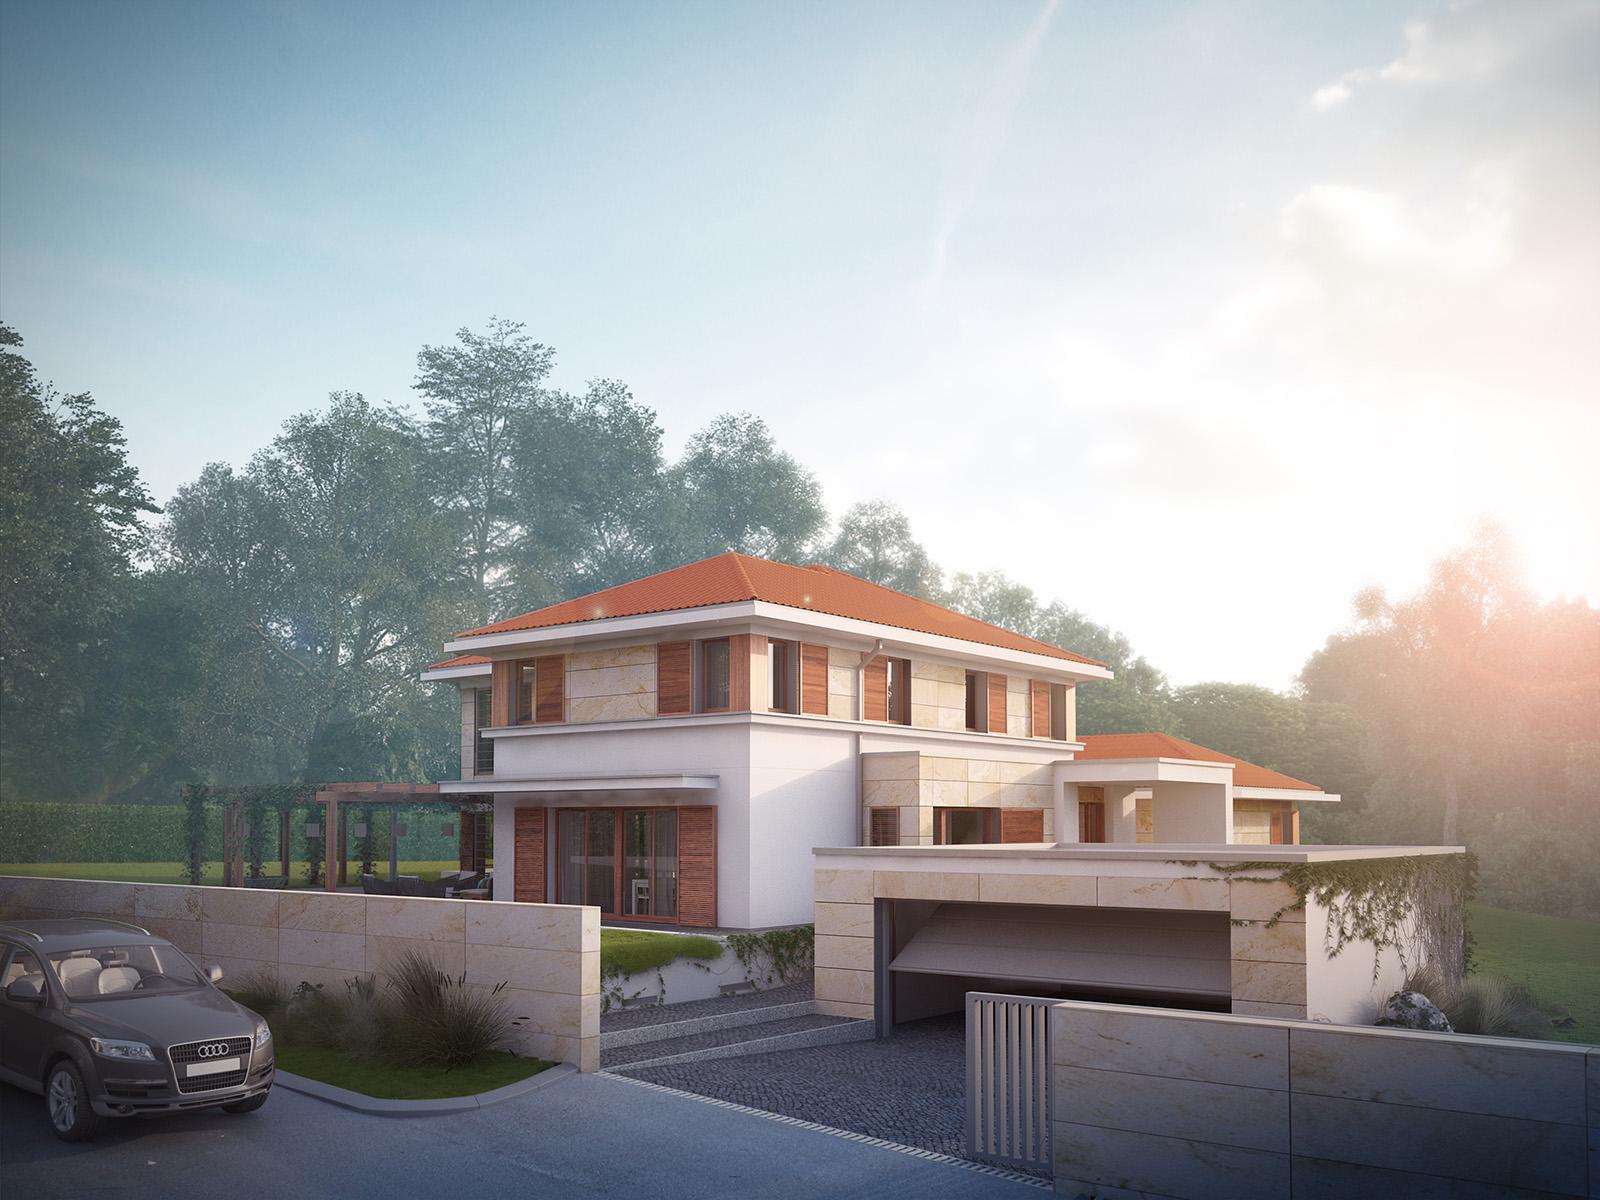 Projekt domu ZDROJOWY Domy Czystej Energii widok od boku i od frontu